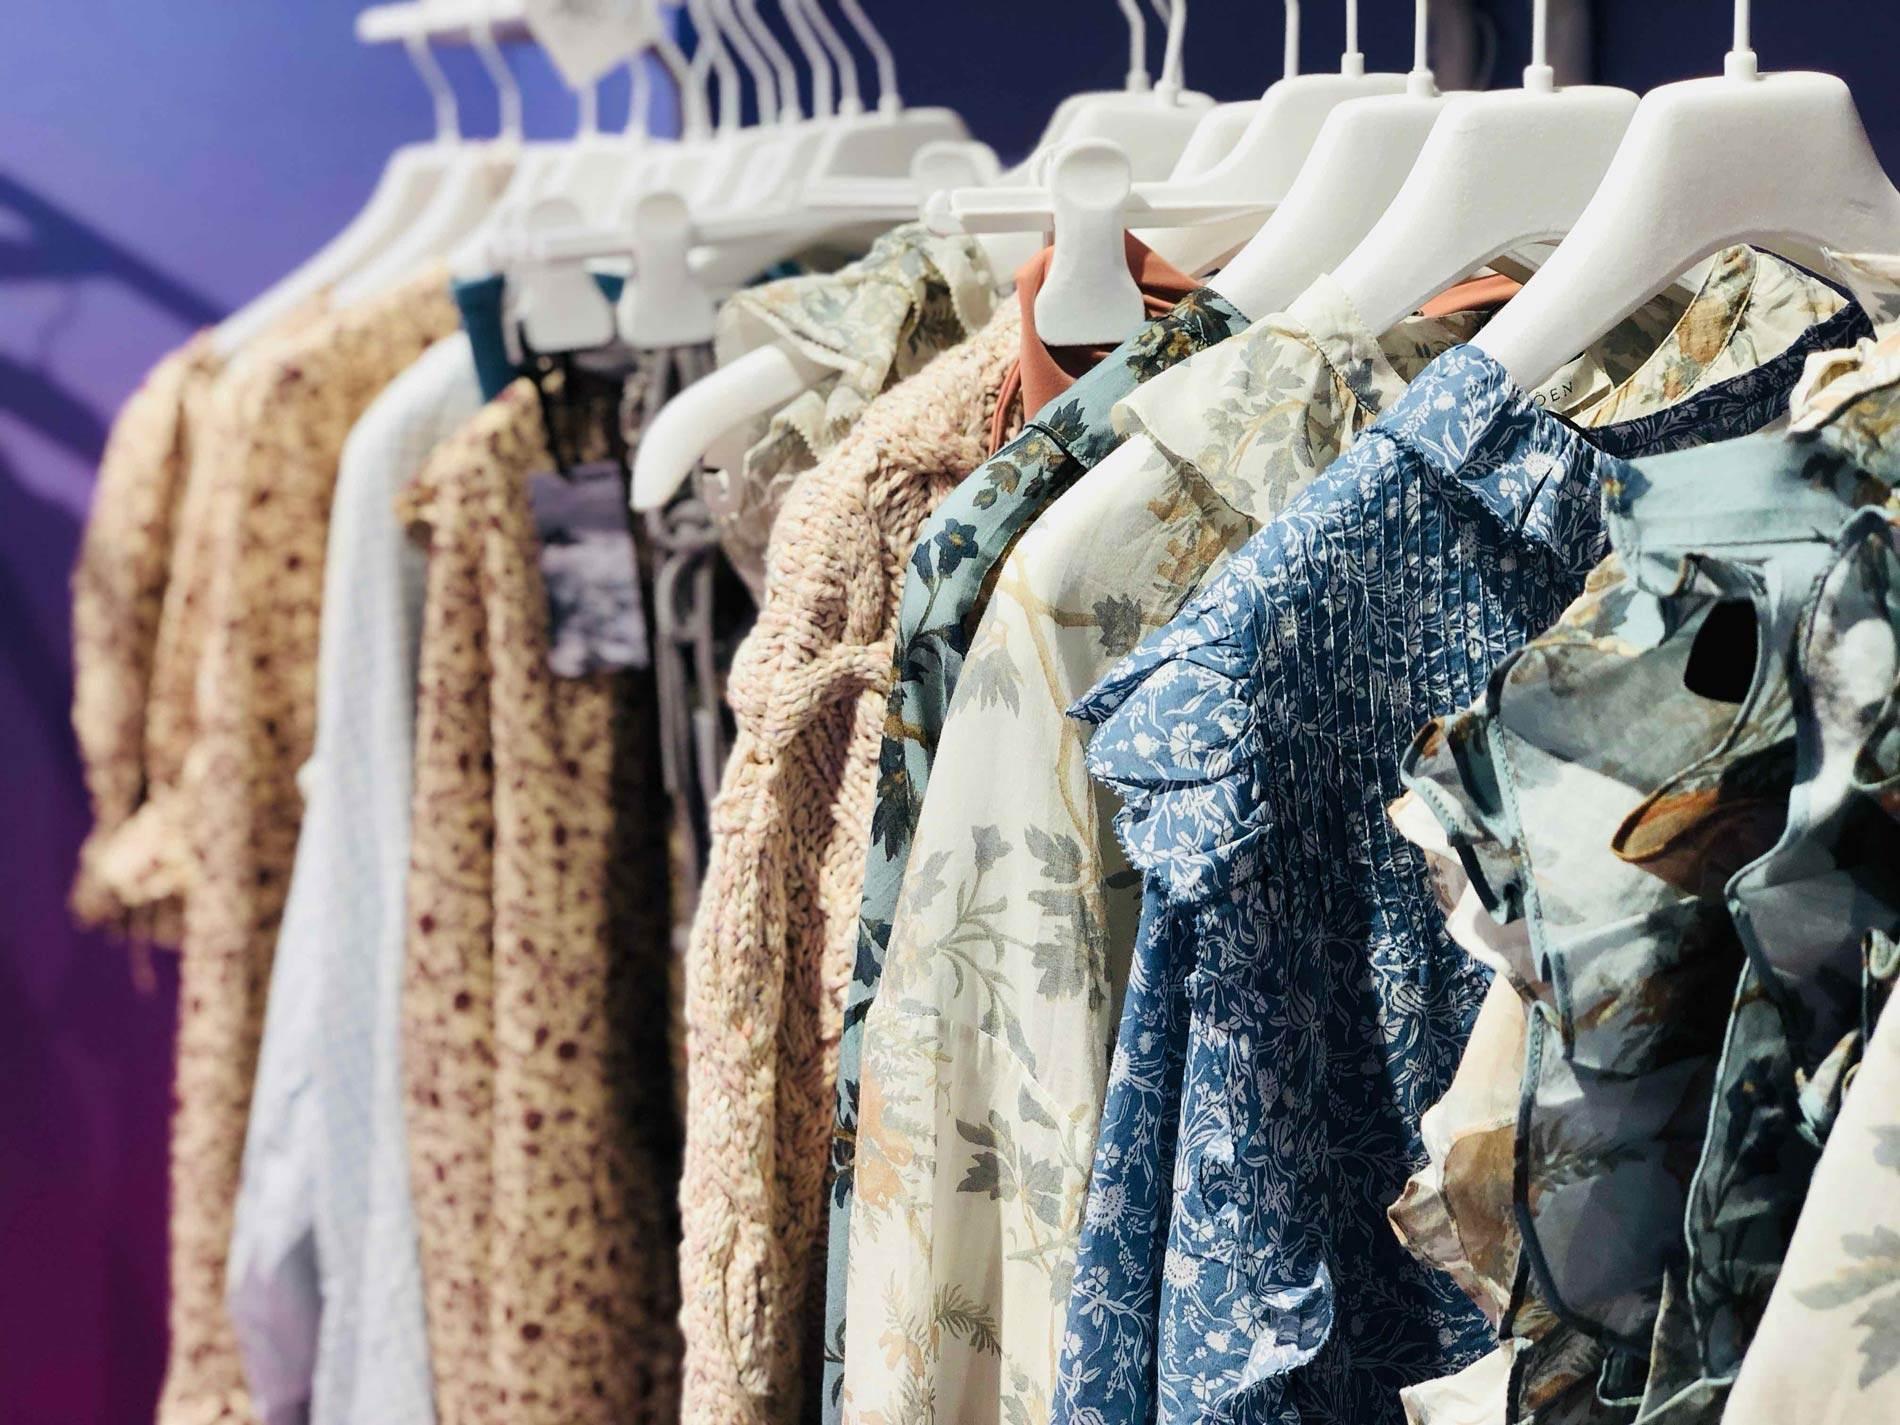 lebonmarche_losangeles_clothes